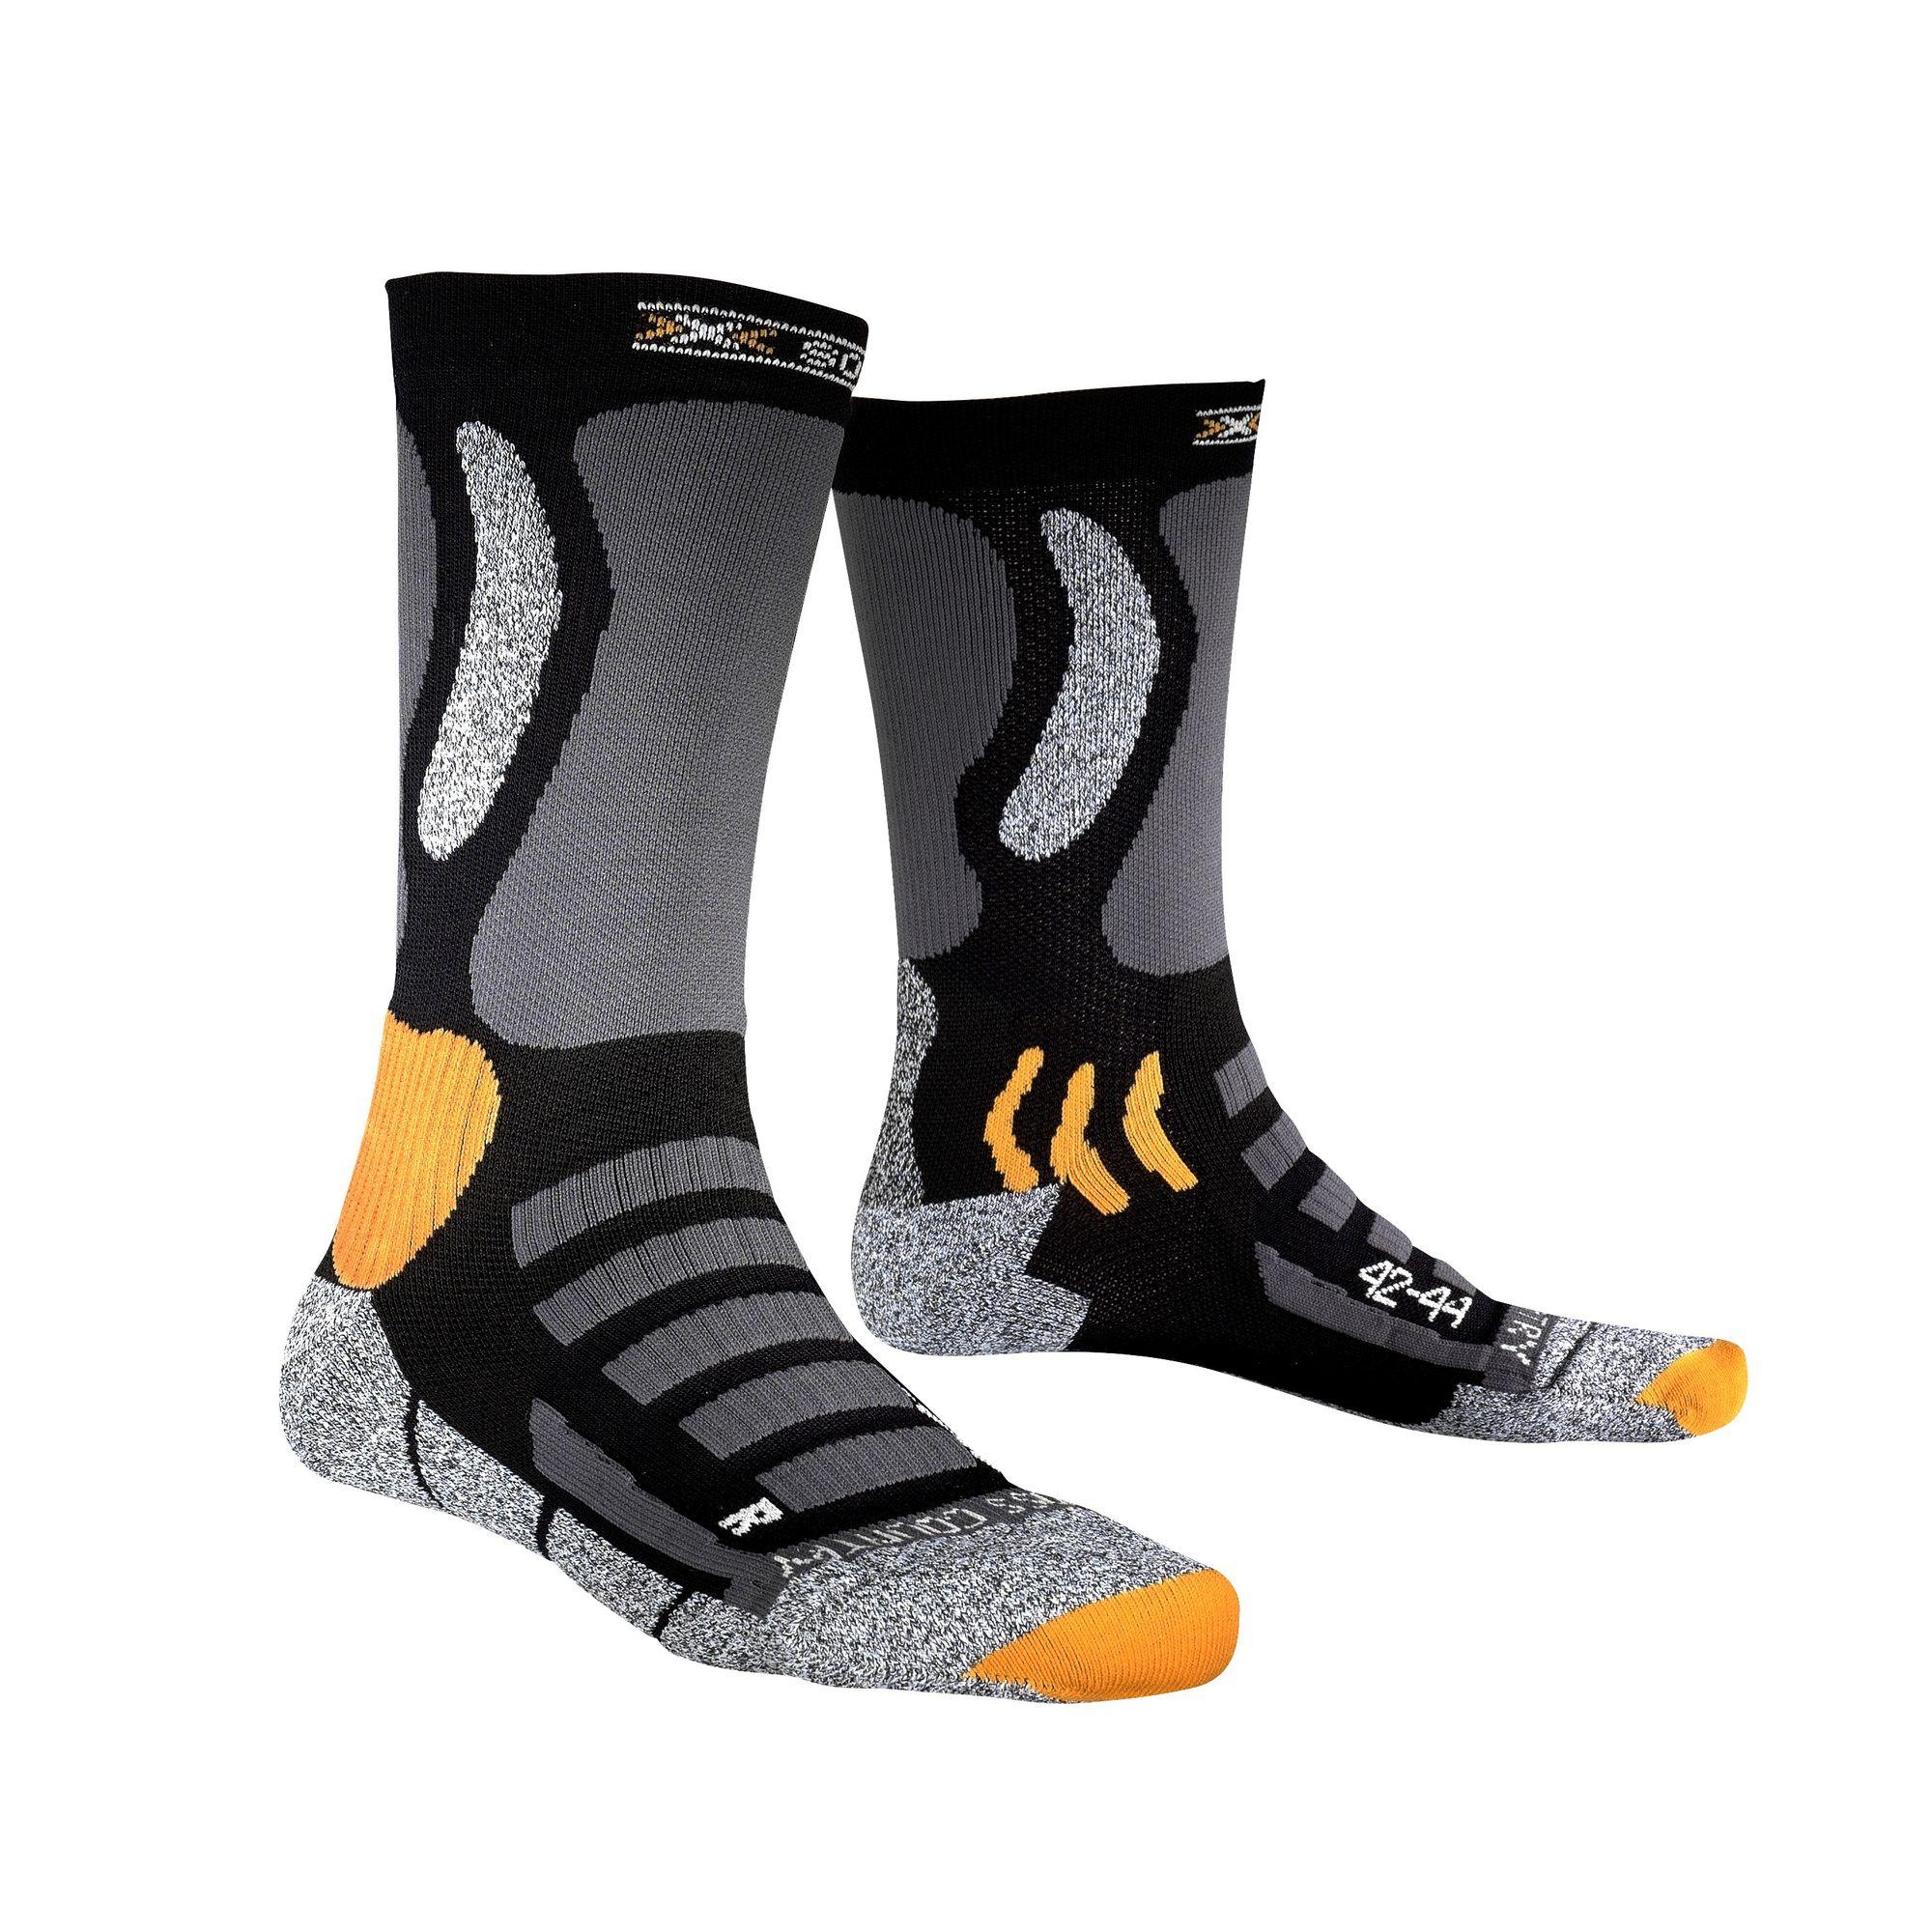 Носки для лыж своими руками